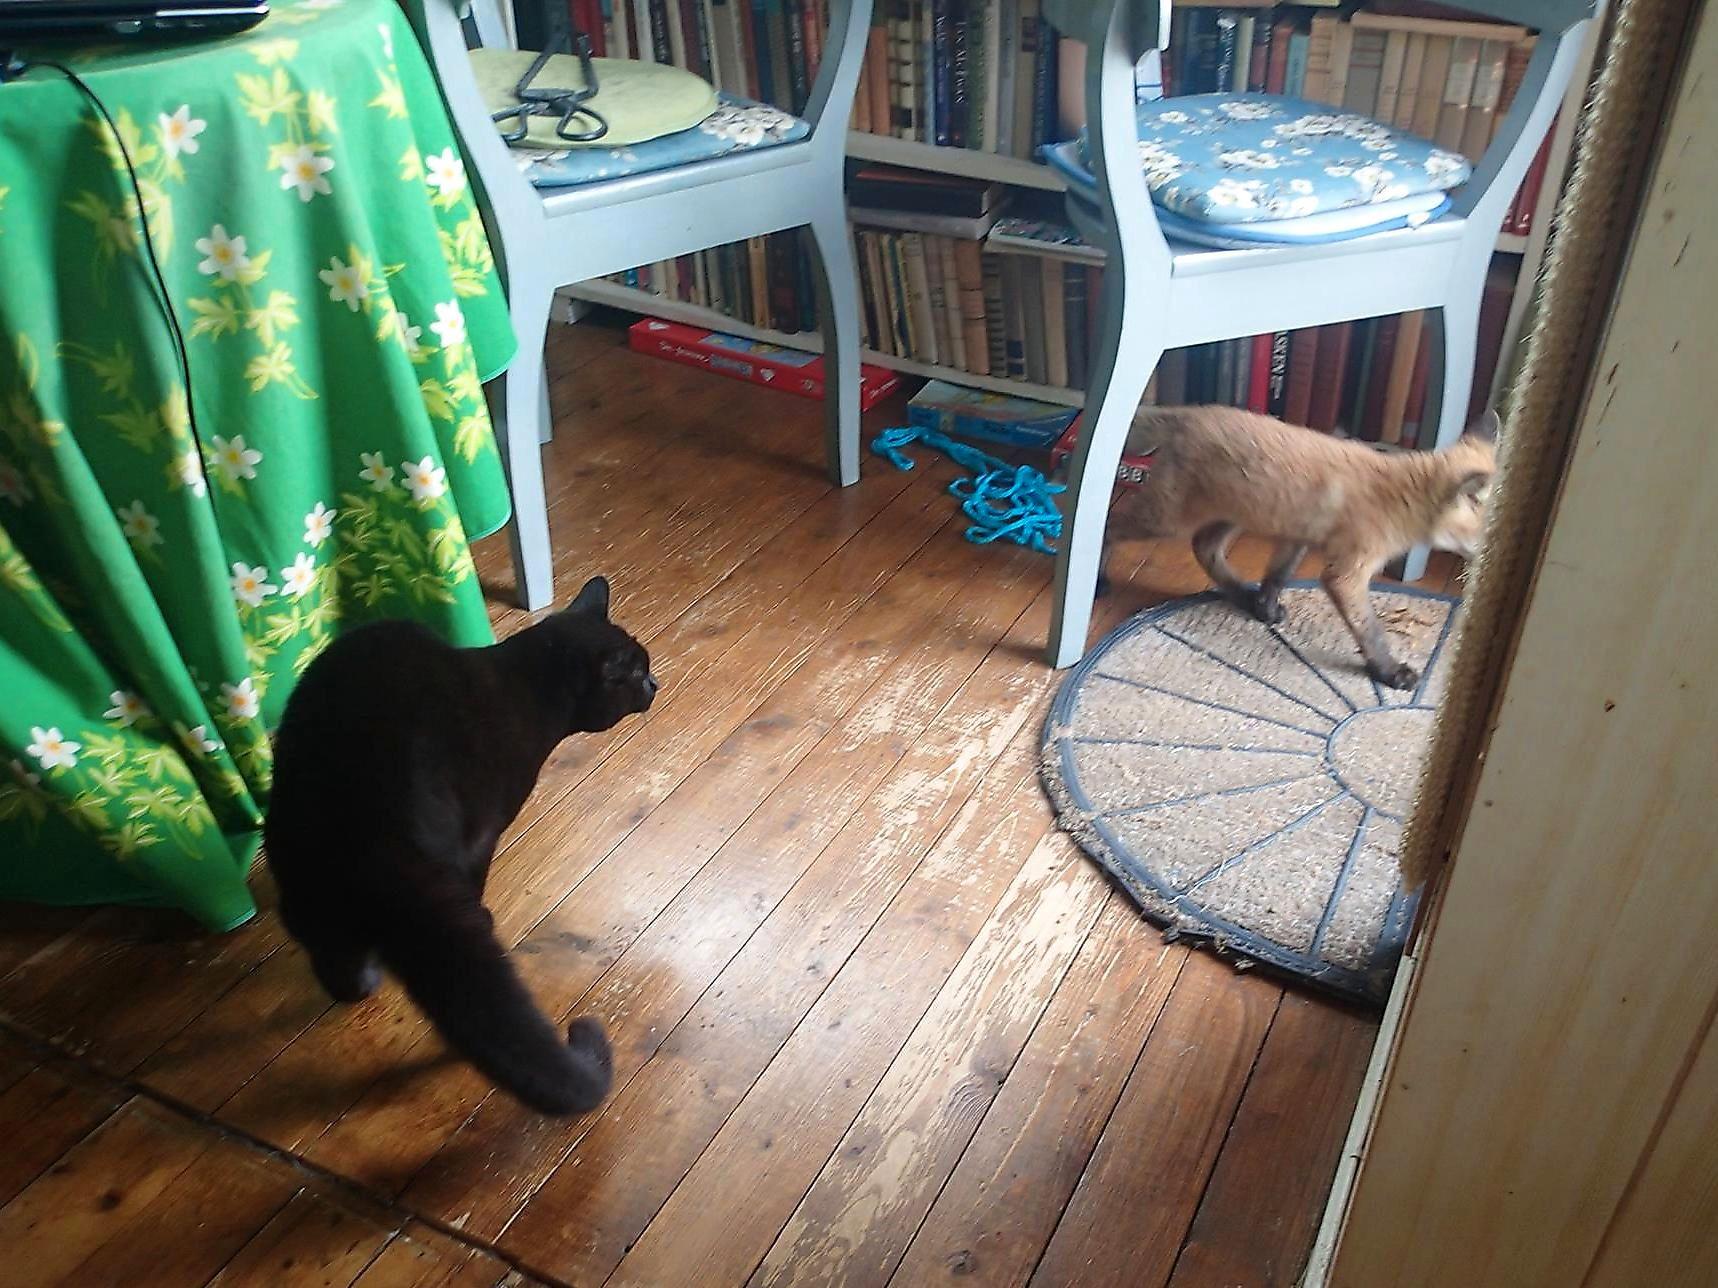 FØLGES UT: Katten Suzie (7) var på vakt med krummet rygg da revevalpen kom på besøk, men det ble ingen slåsskamp mellom de to. Her følges reven ut døra.